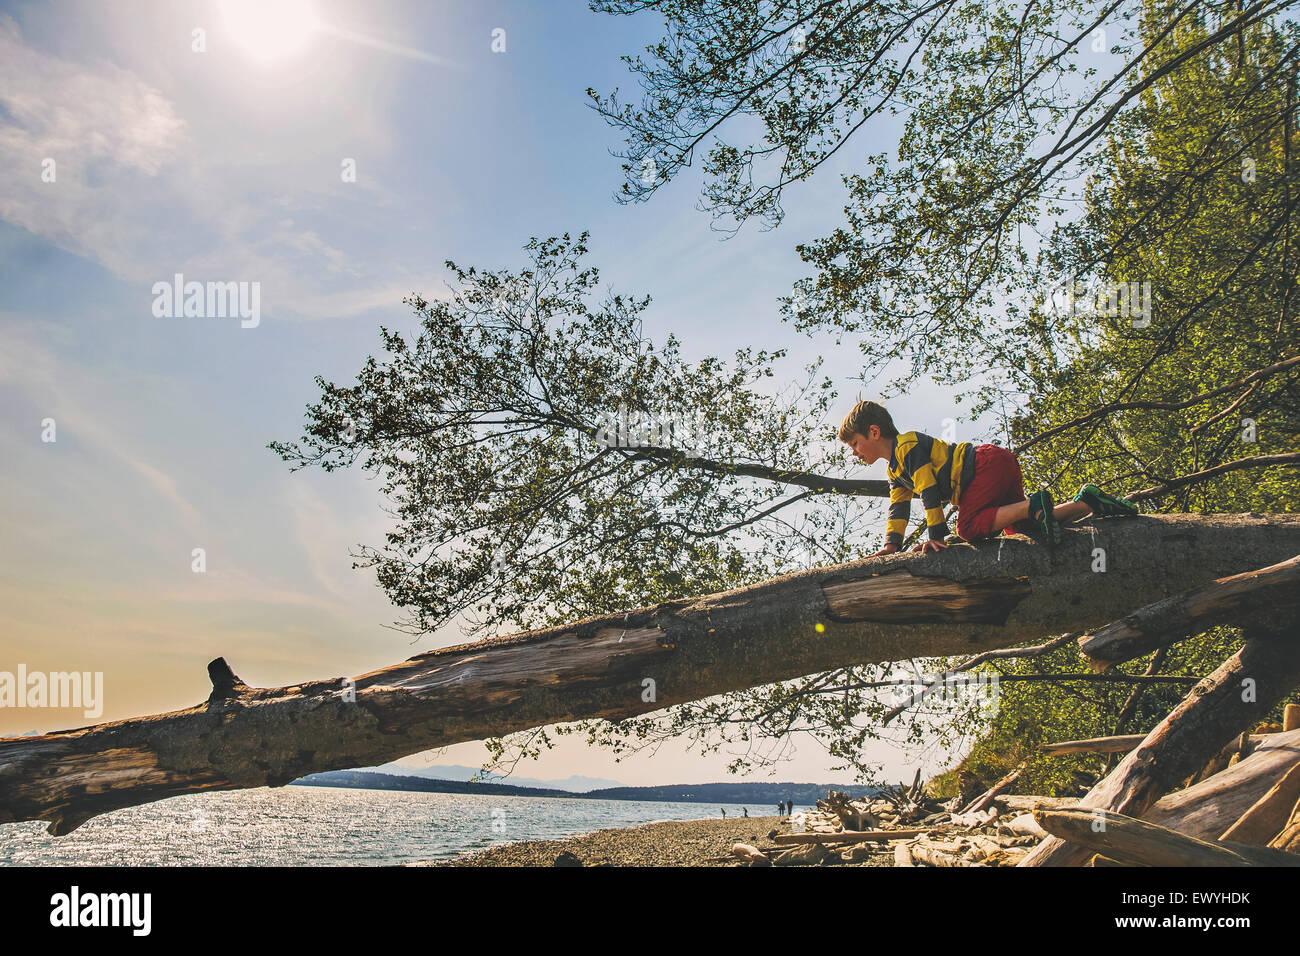 Boy escalada en un tronco de árbol por un lago Imagen De Stock